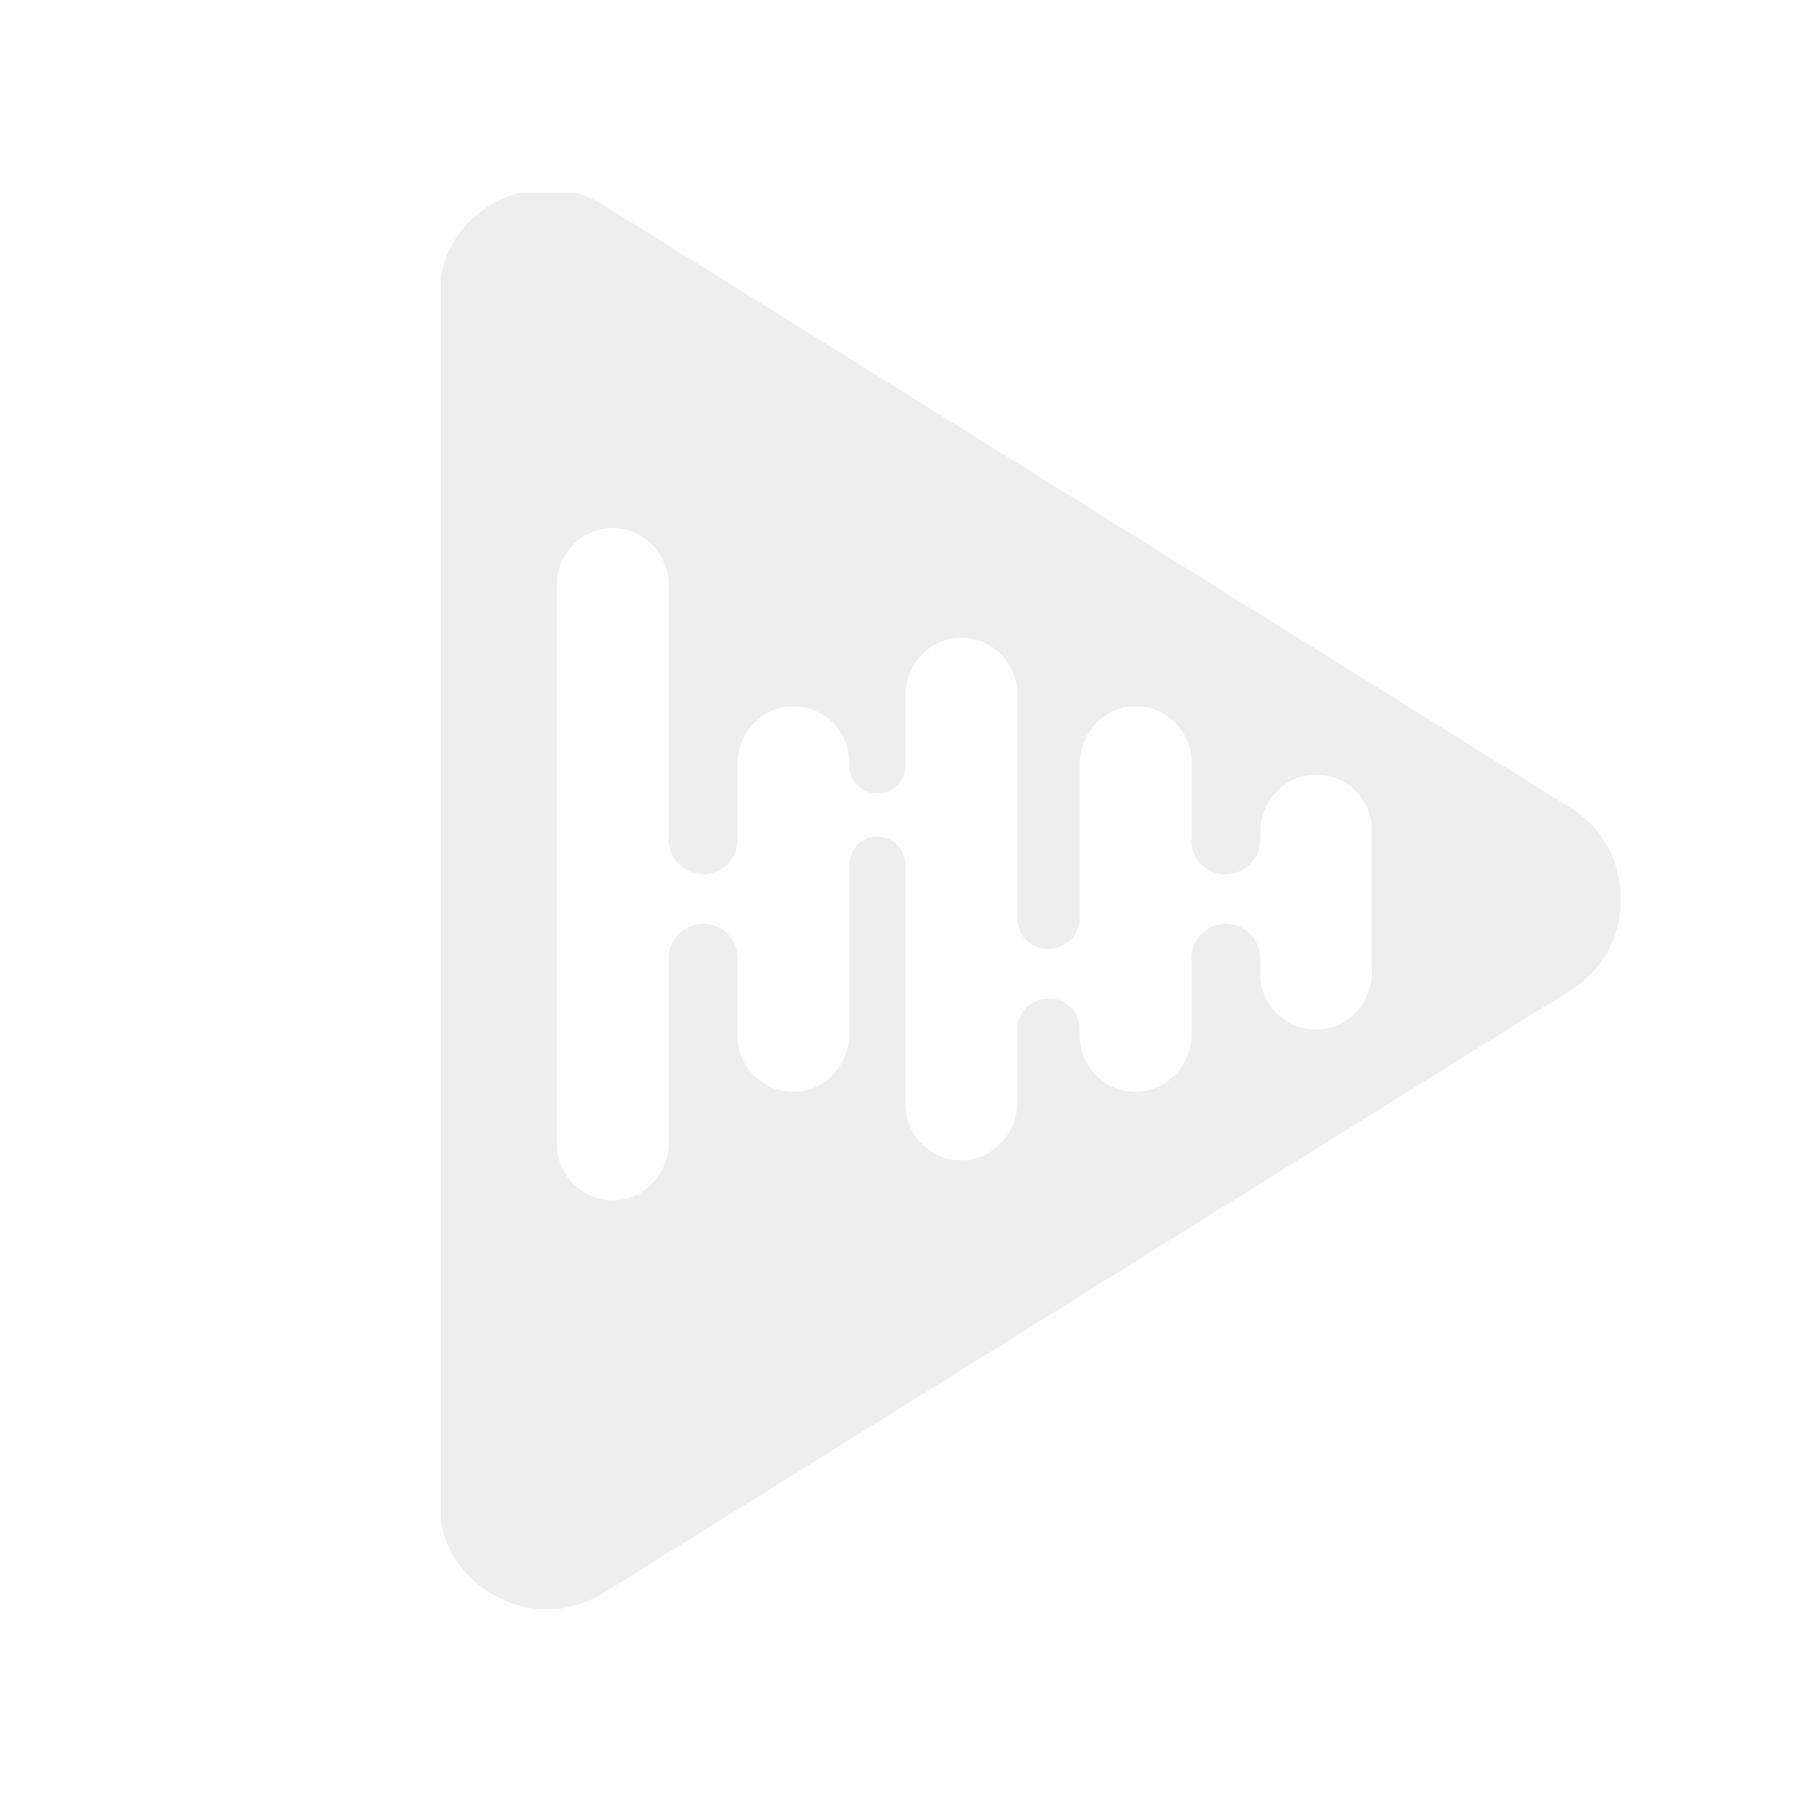 Audison VOCE AV 5.1K